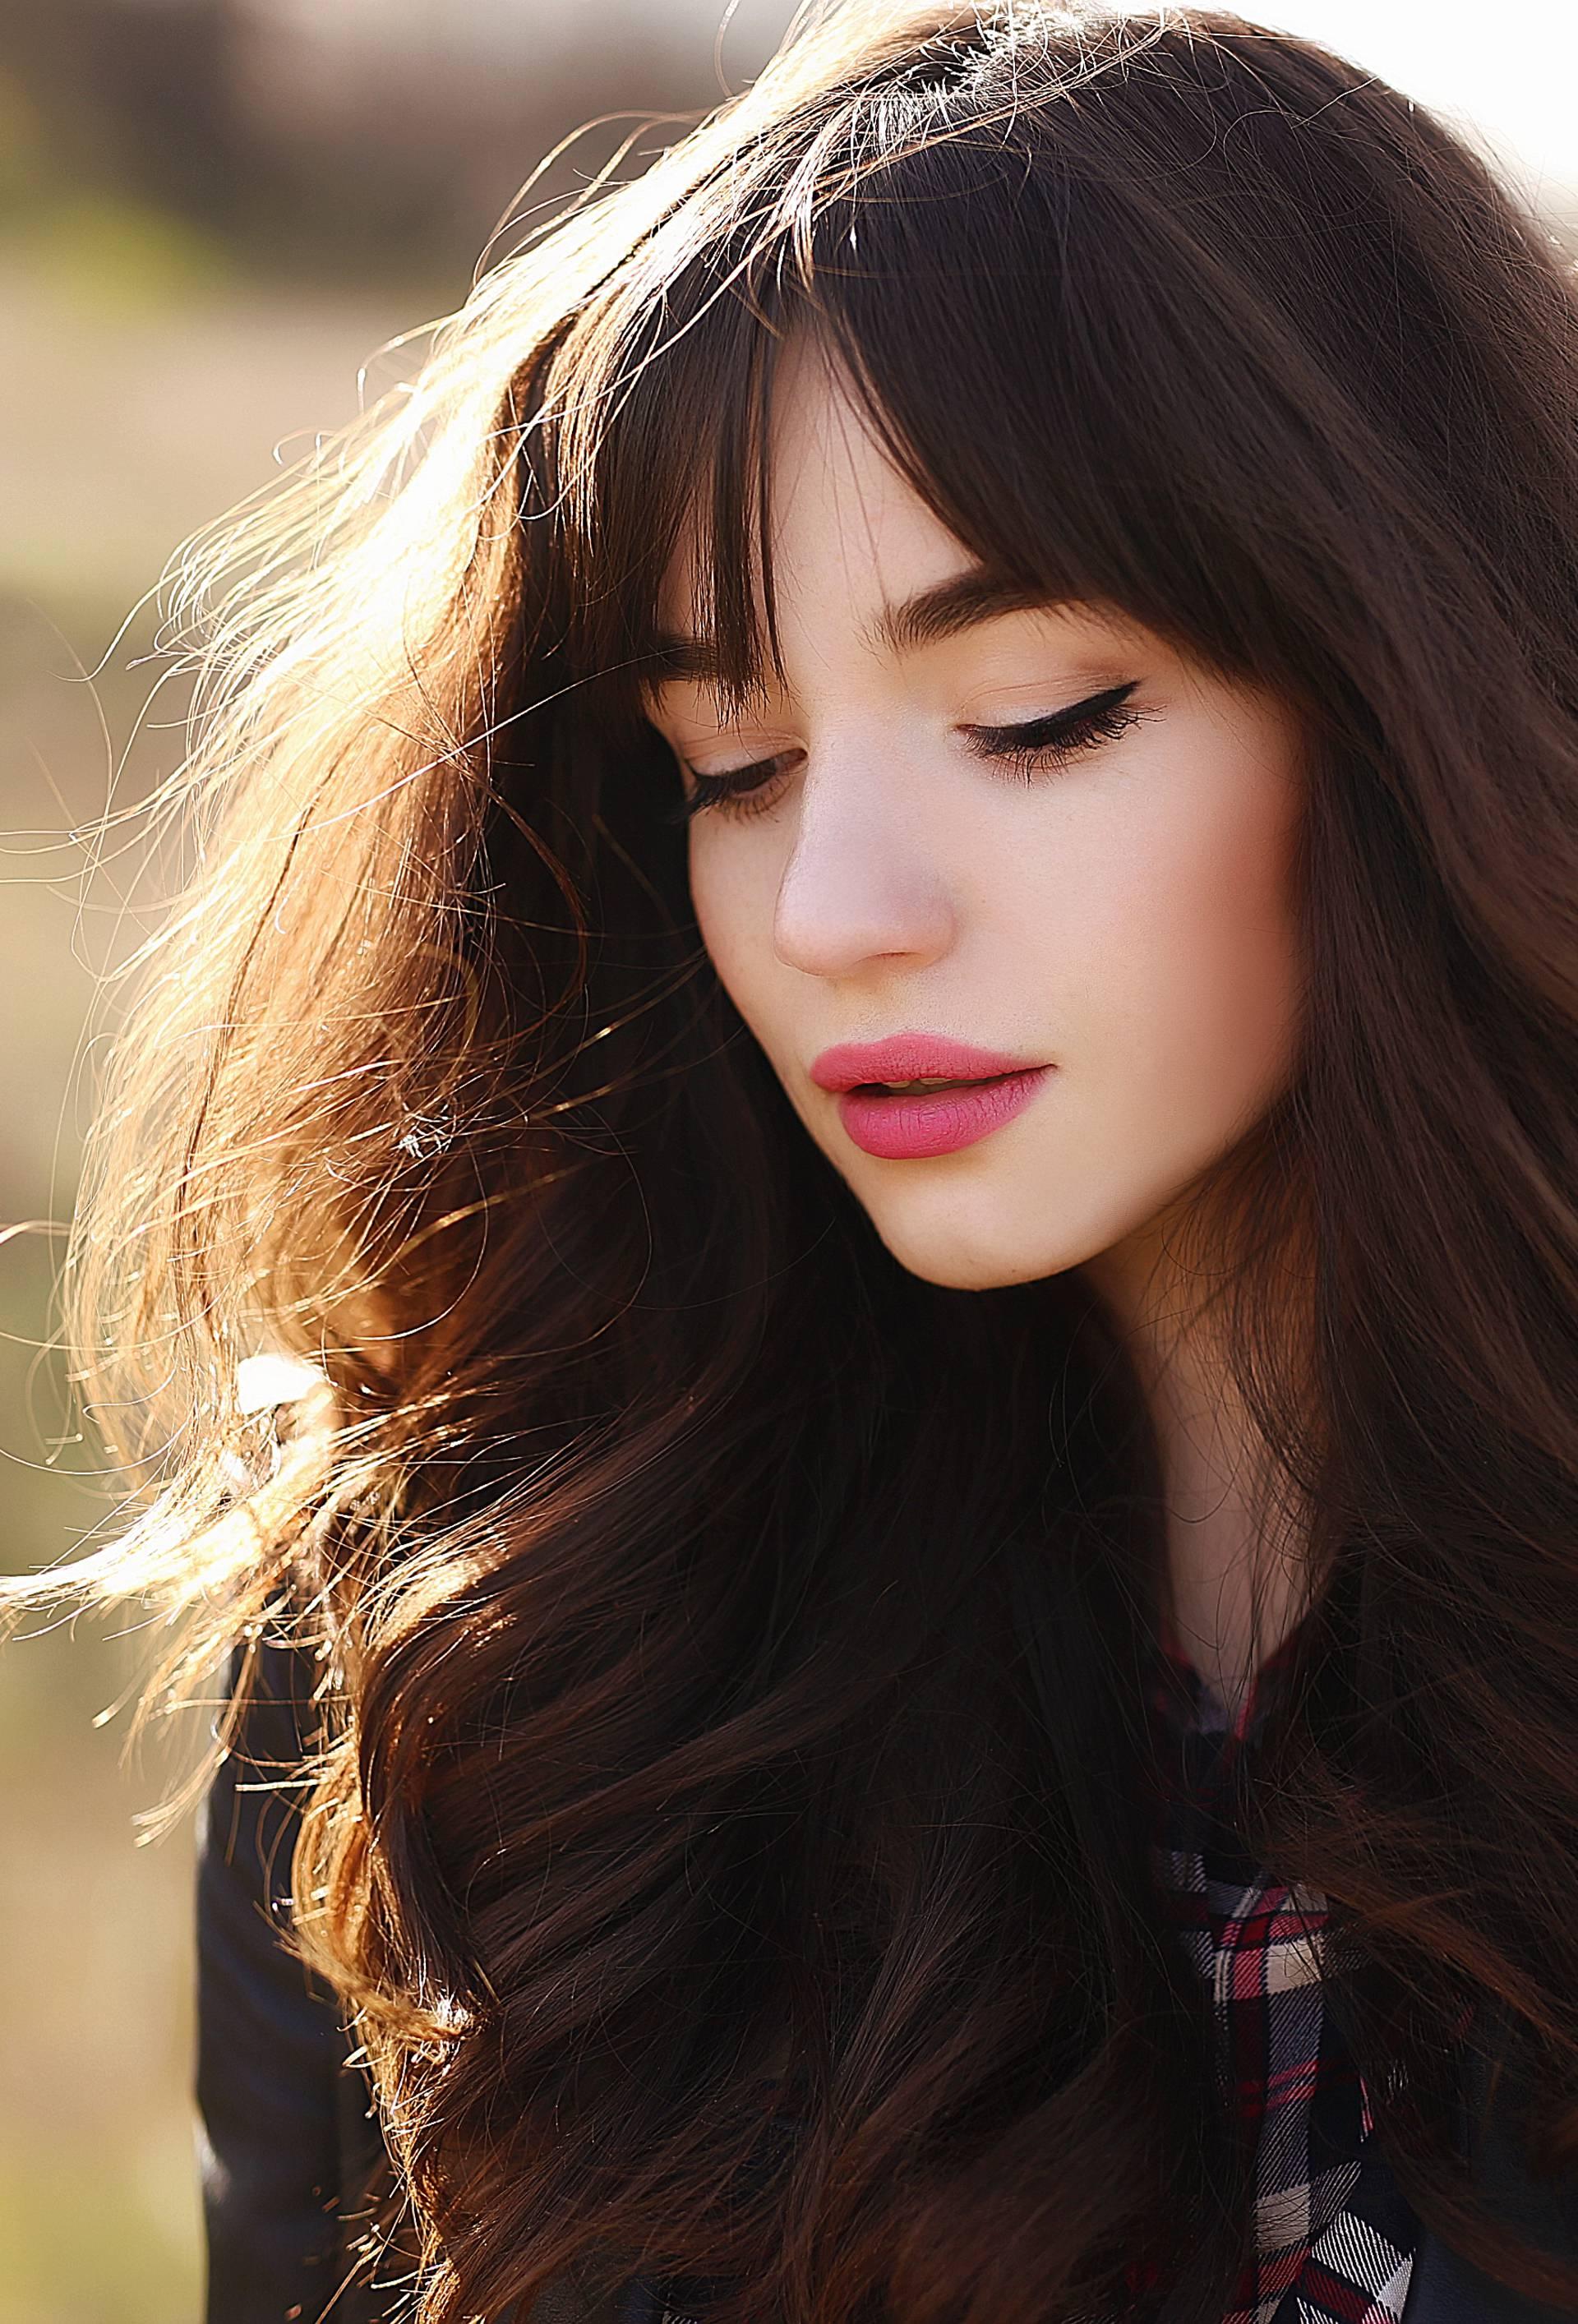 Što koristiti, a što izbjegavati da kosa bude lijepa, ali i zdrava